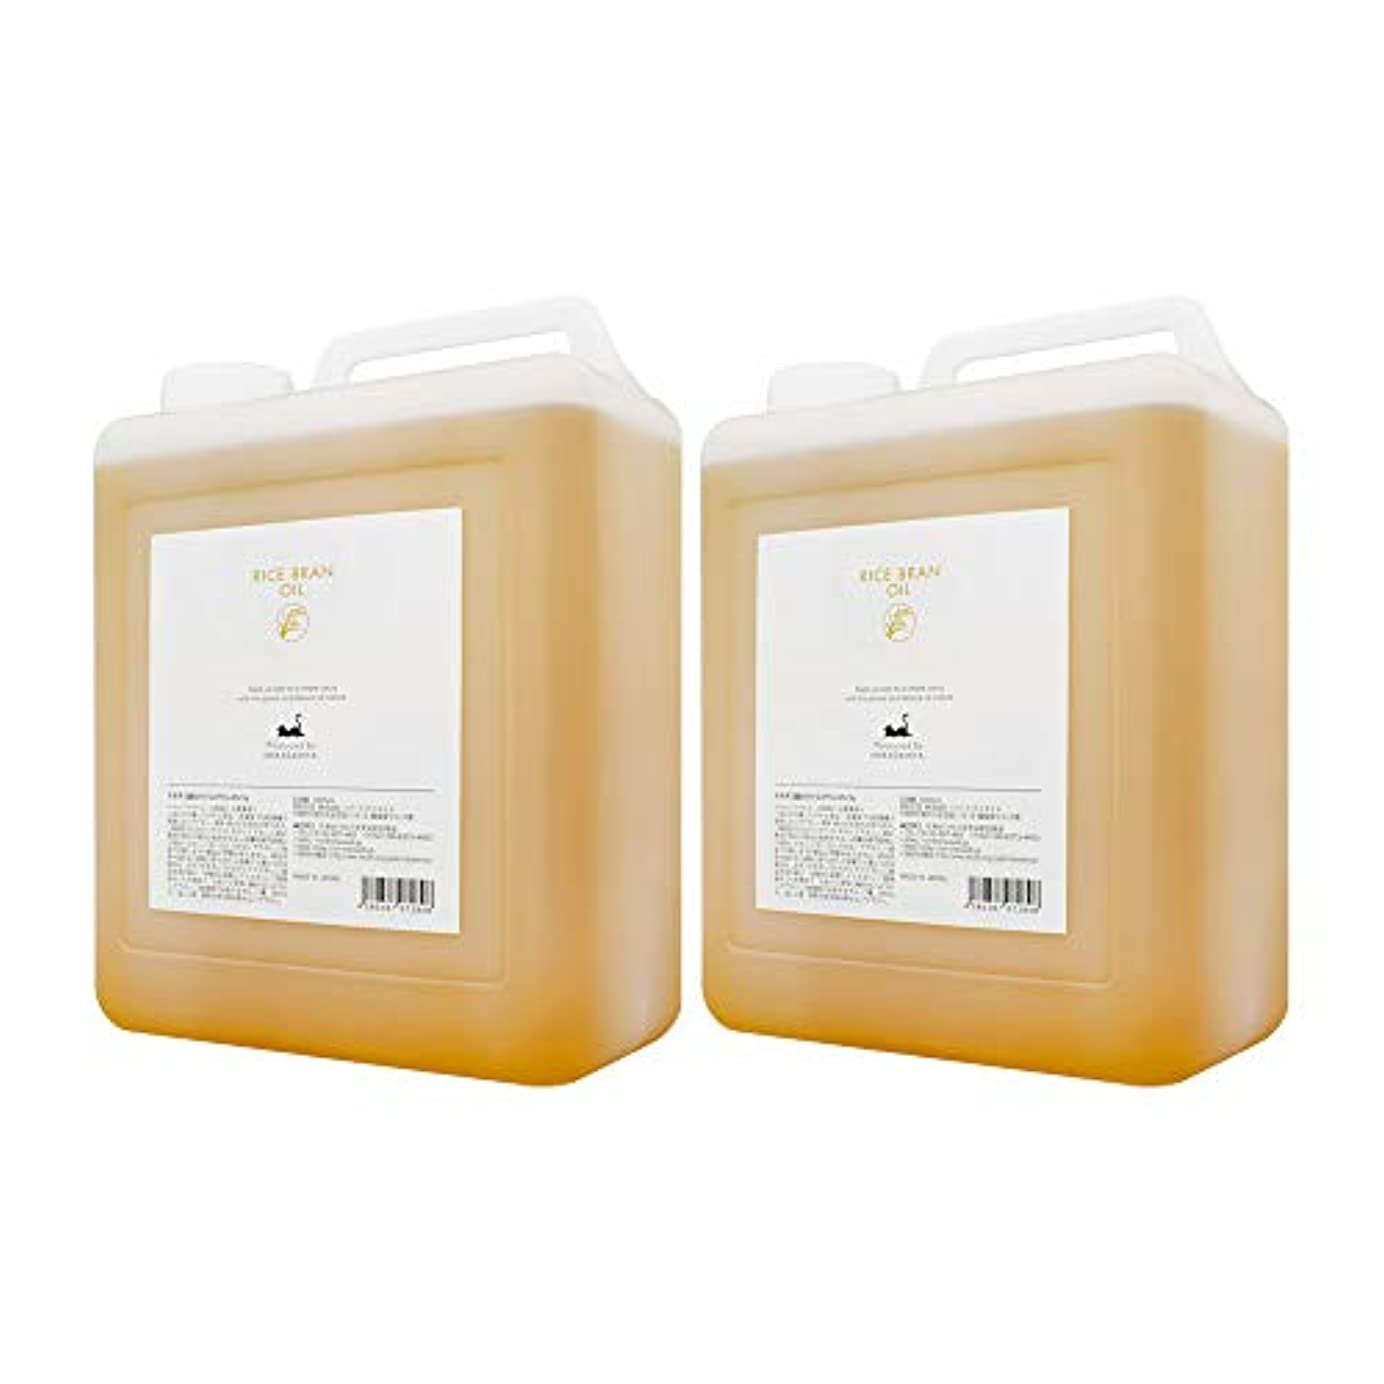 ストレッチクラフト正当なライスブランオイル3000ml×2本 (米油 米ぬか油 ライスオイル/コック付) 高級サロン仕様 マッサージオイル キャリアオイル (フェイス/ボディ用) 業務用?大容量